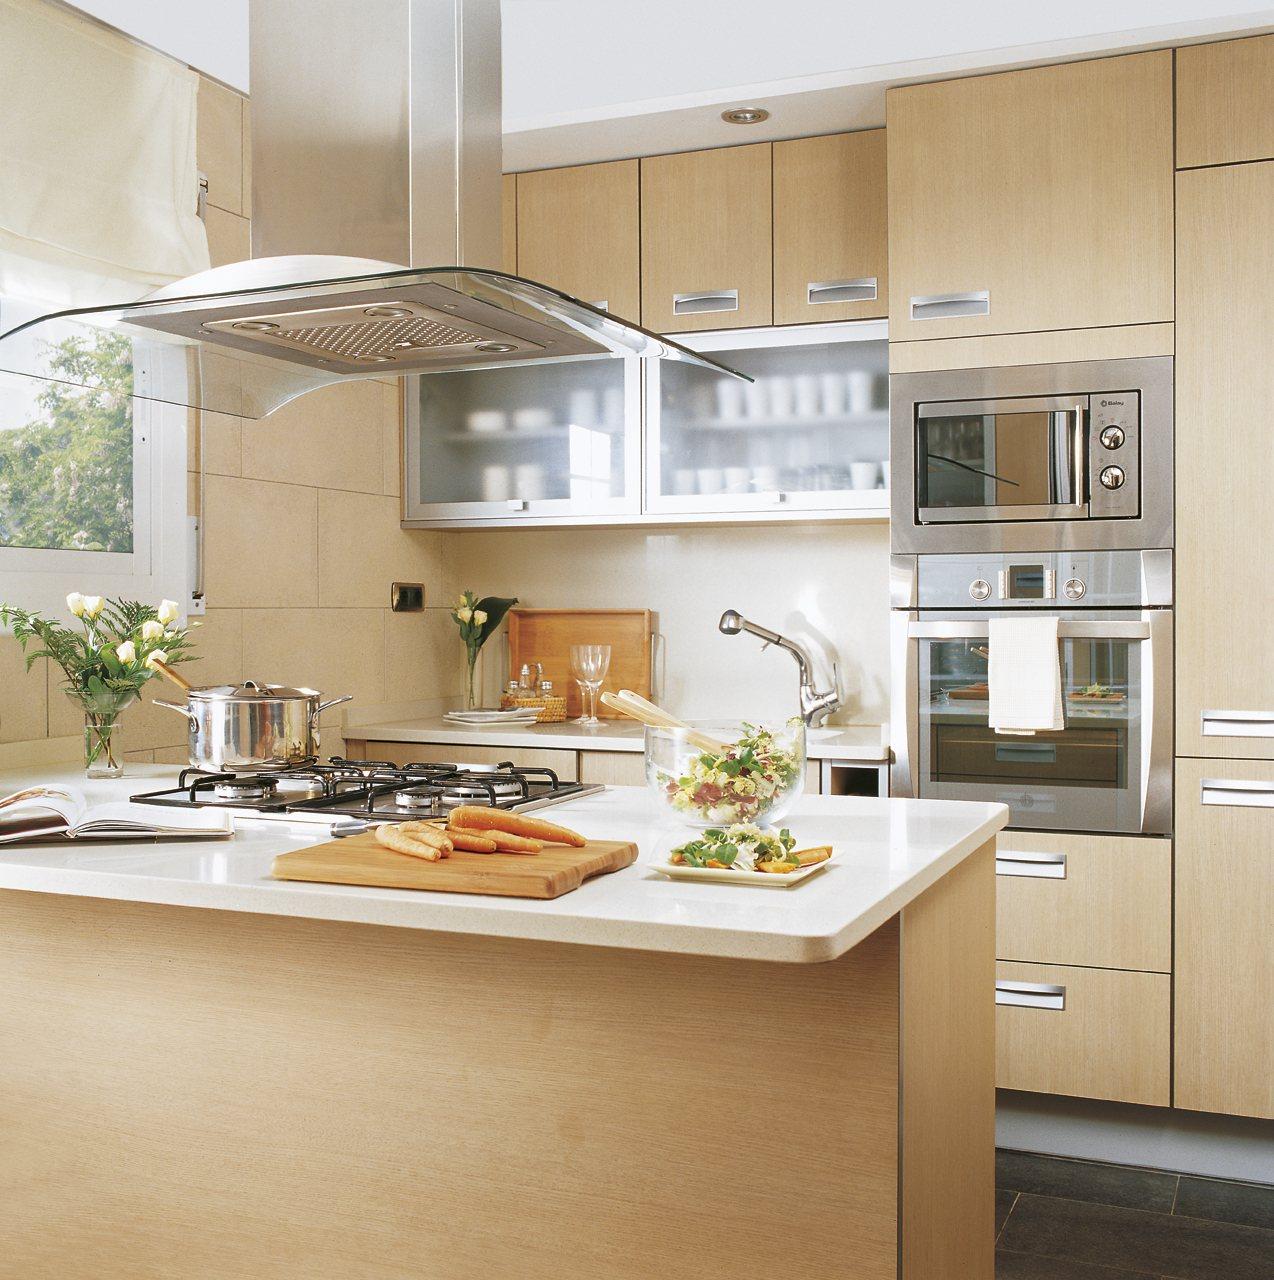 Cocinas peque as soluciones y consejos Modelos de cocinas modernas para espacios pequenos